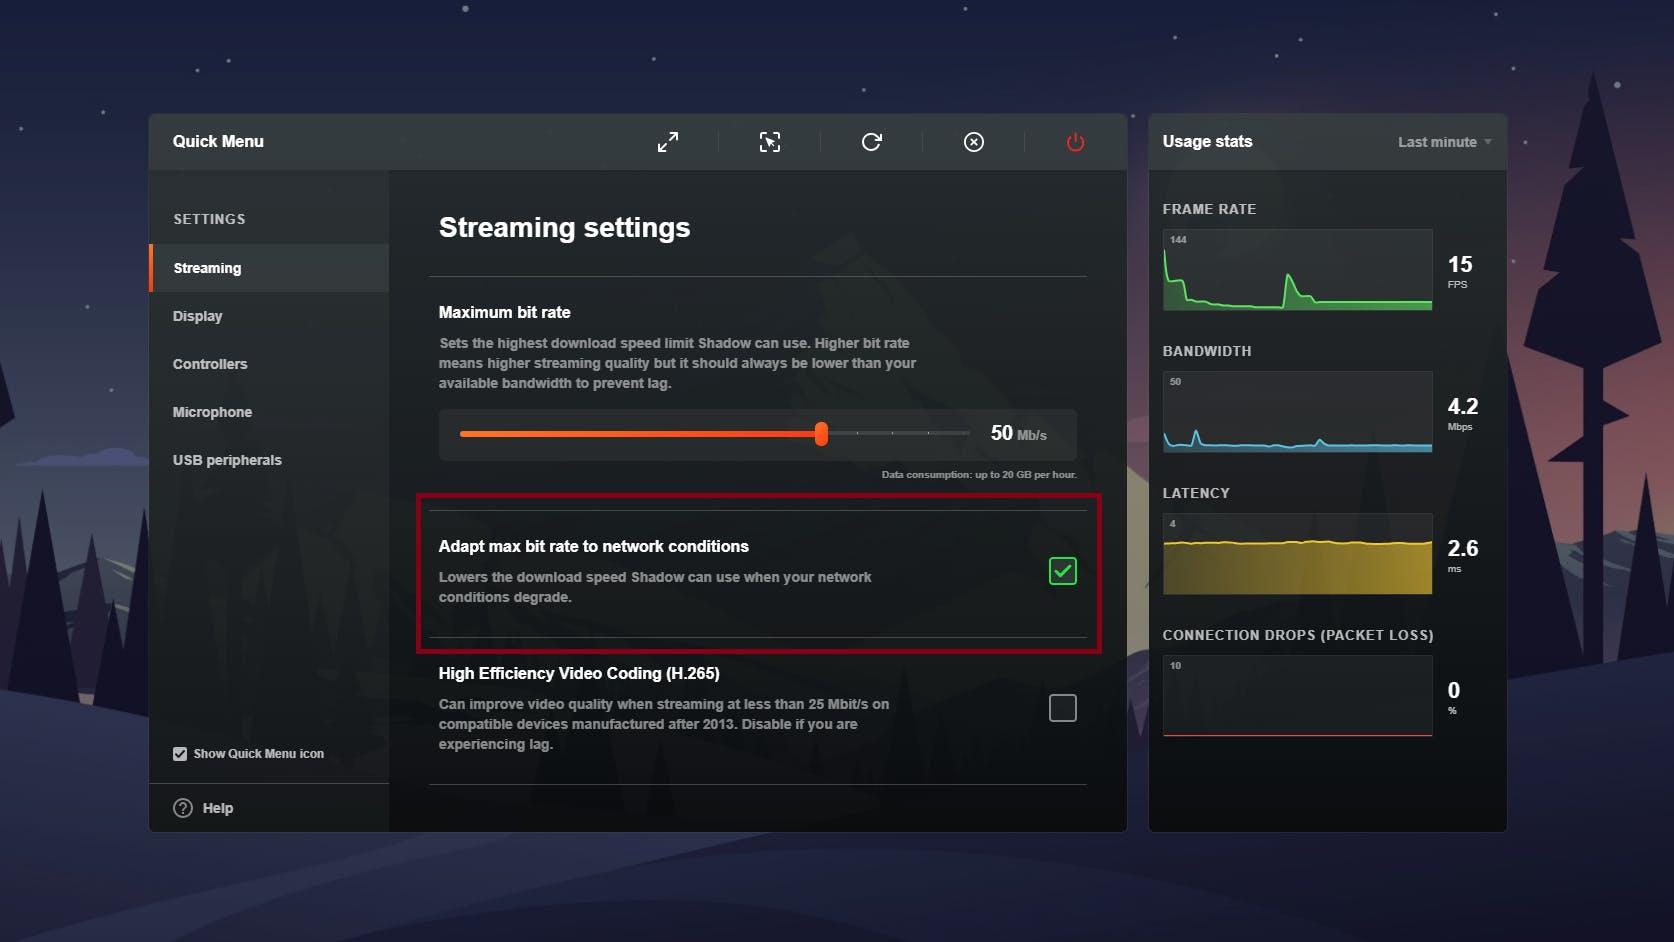 """Öffne das Quick Menu (Alt + Windows/Command/Super + O) und wähle den Abschnitt """"Streaming"""" aus."""